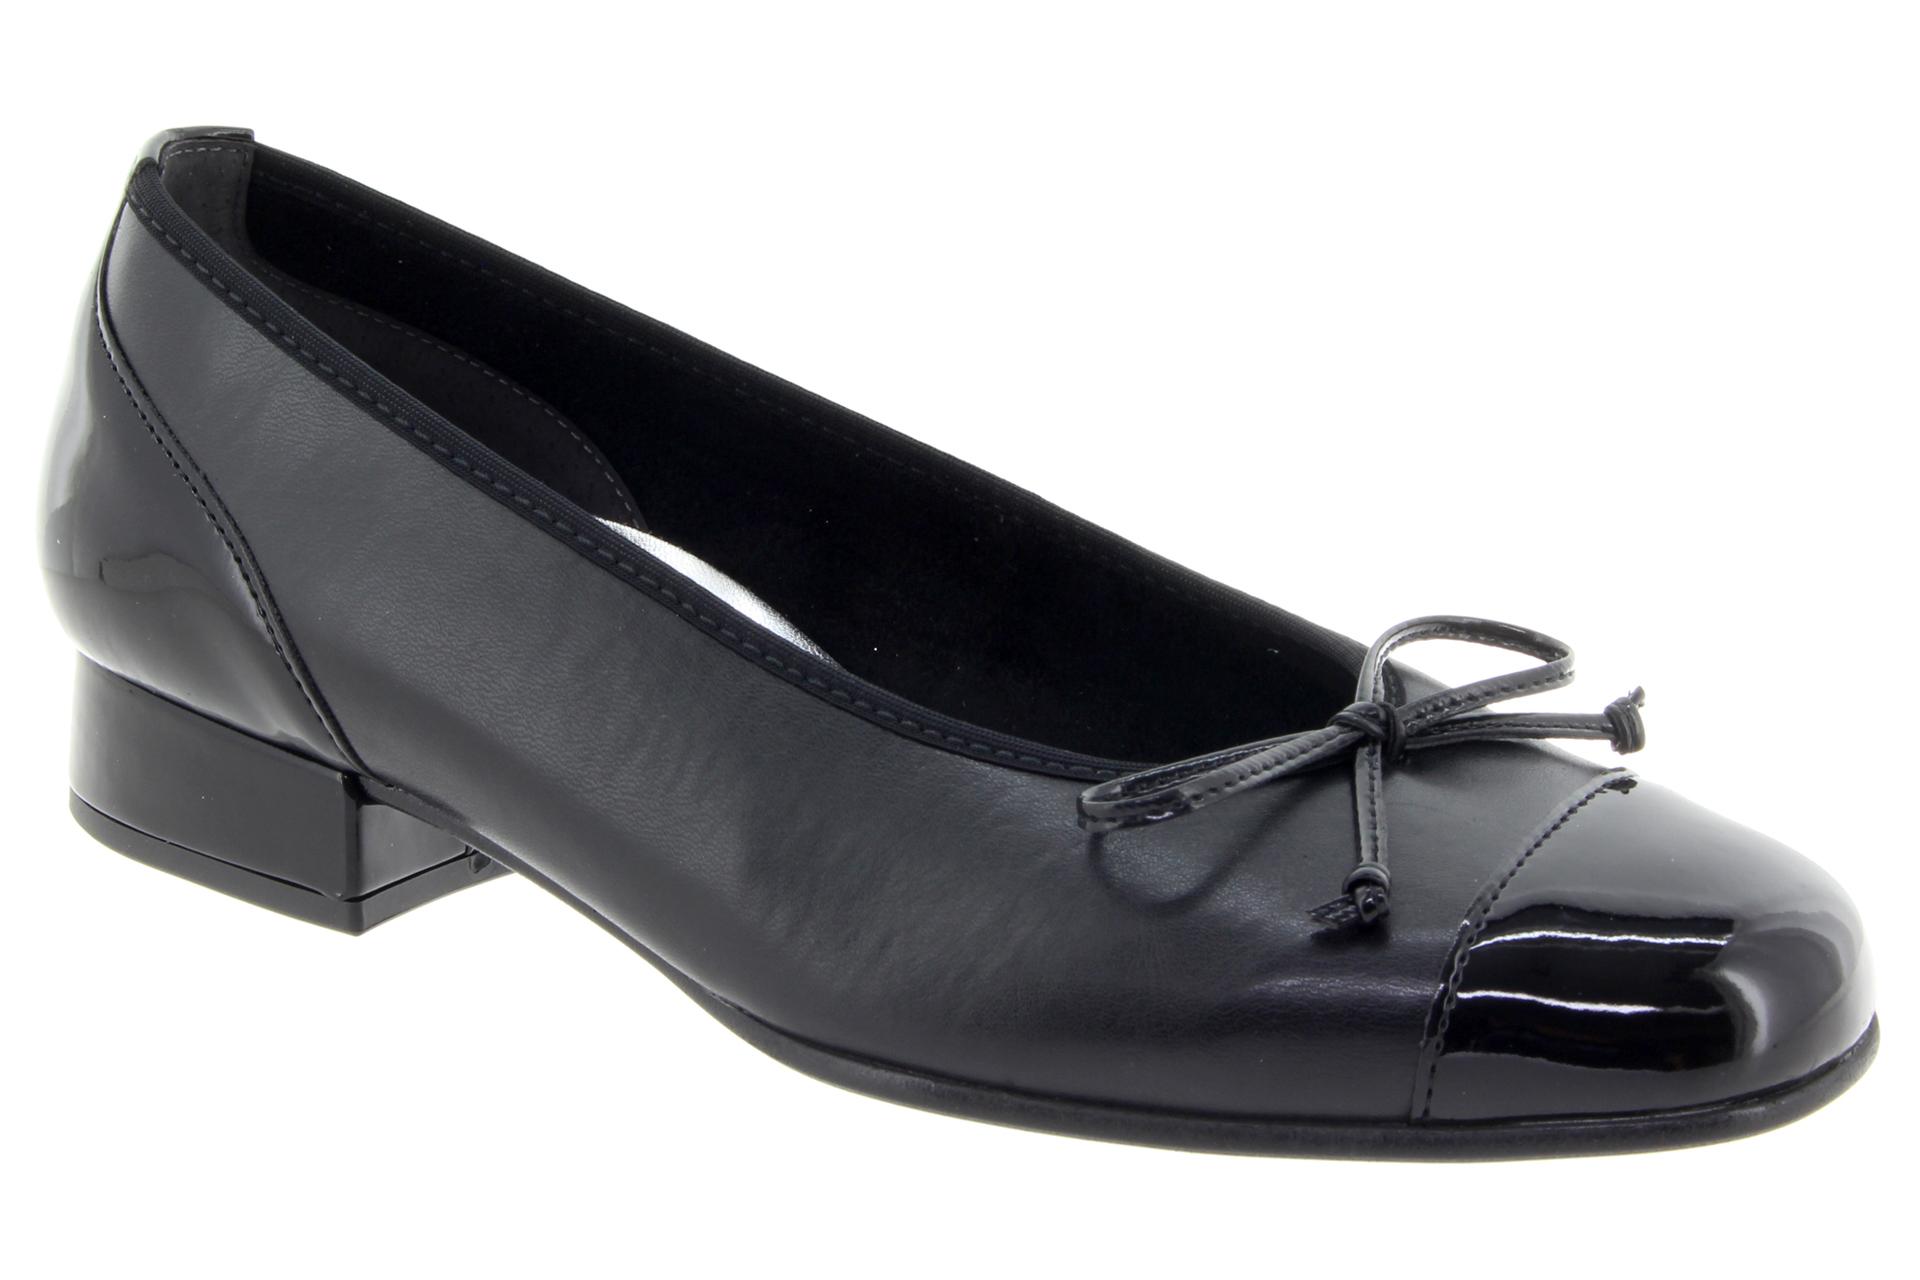 e8d0ef1ab799 https   www.shoemaker.cz hledani https   www.shoemaker.cz ...